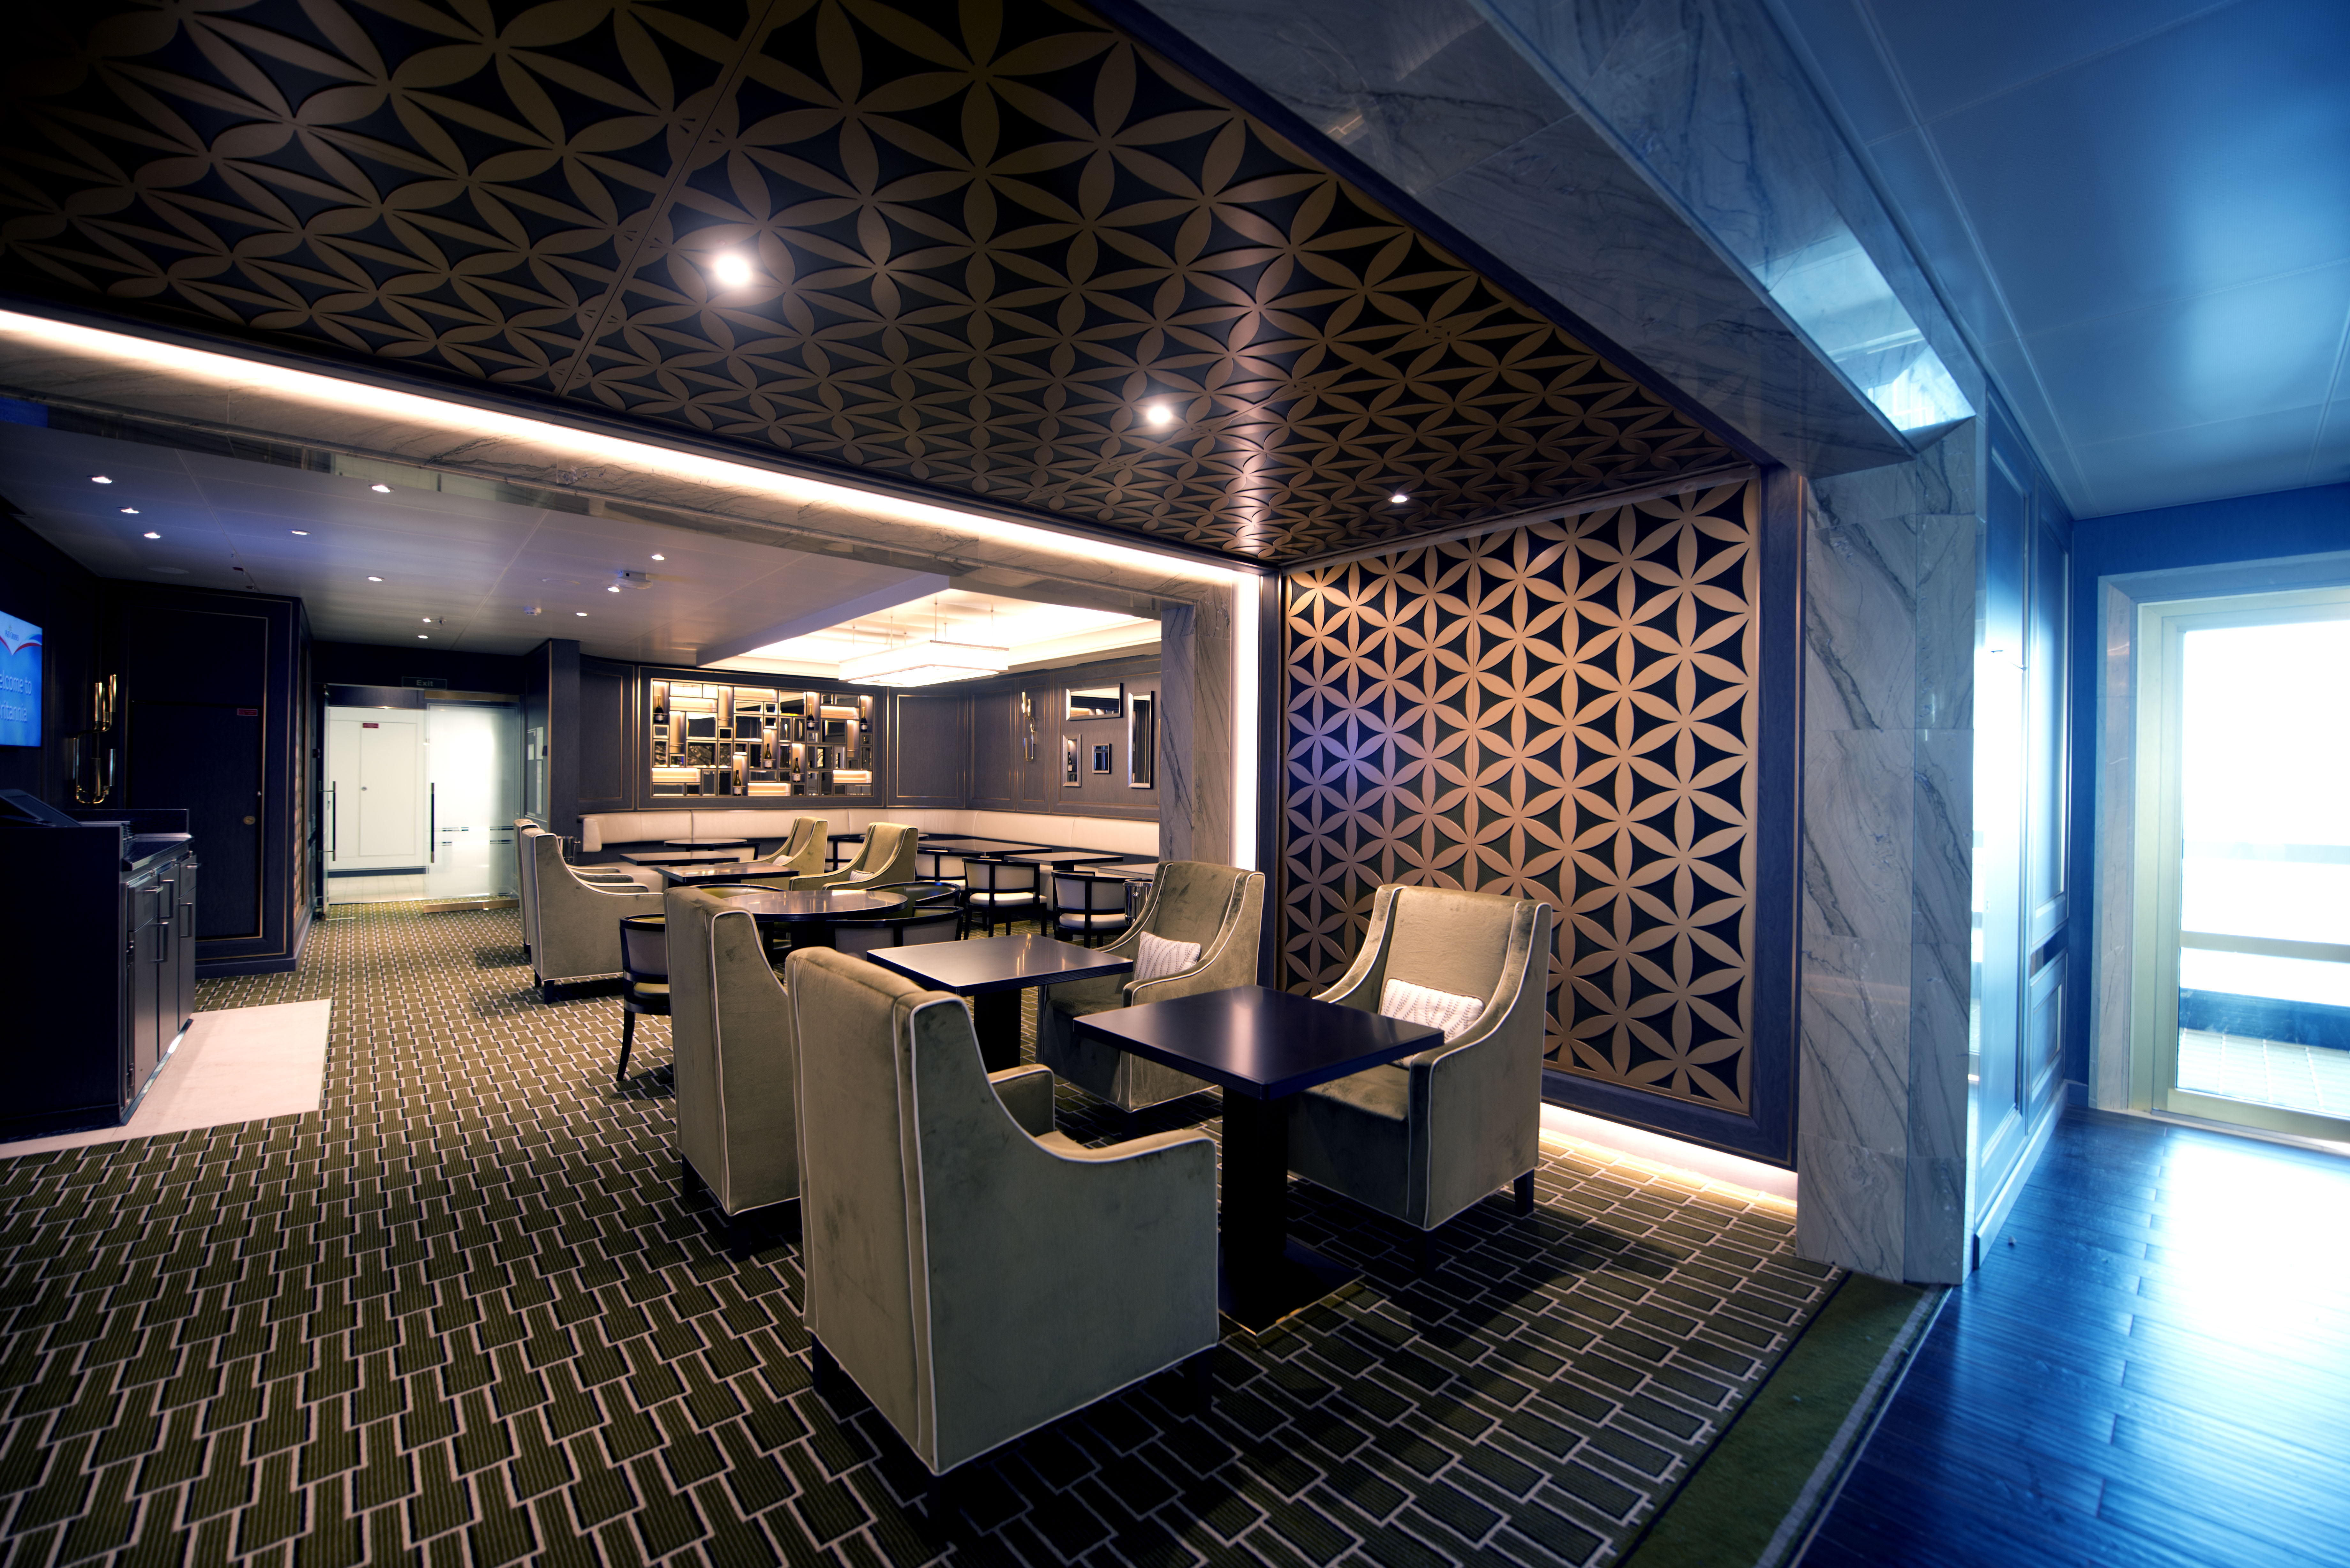 P&O Cruises Britannia Interior Glass House D806667 [Tif 14714599202].jpg